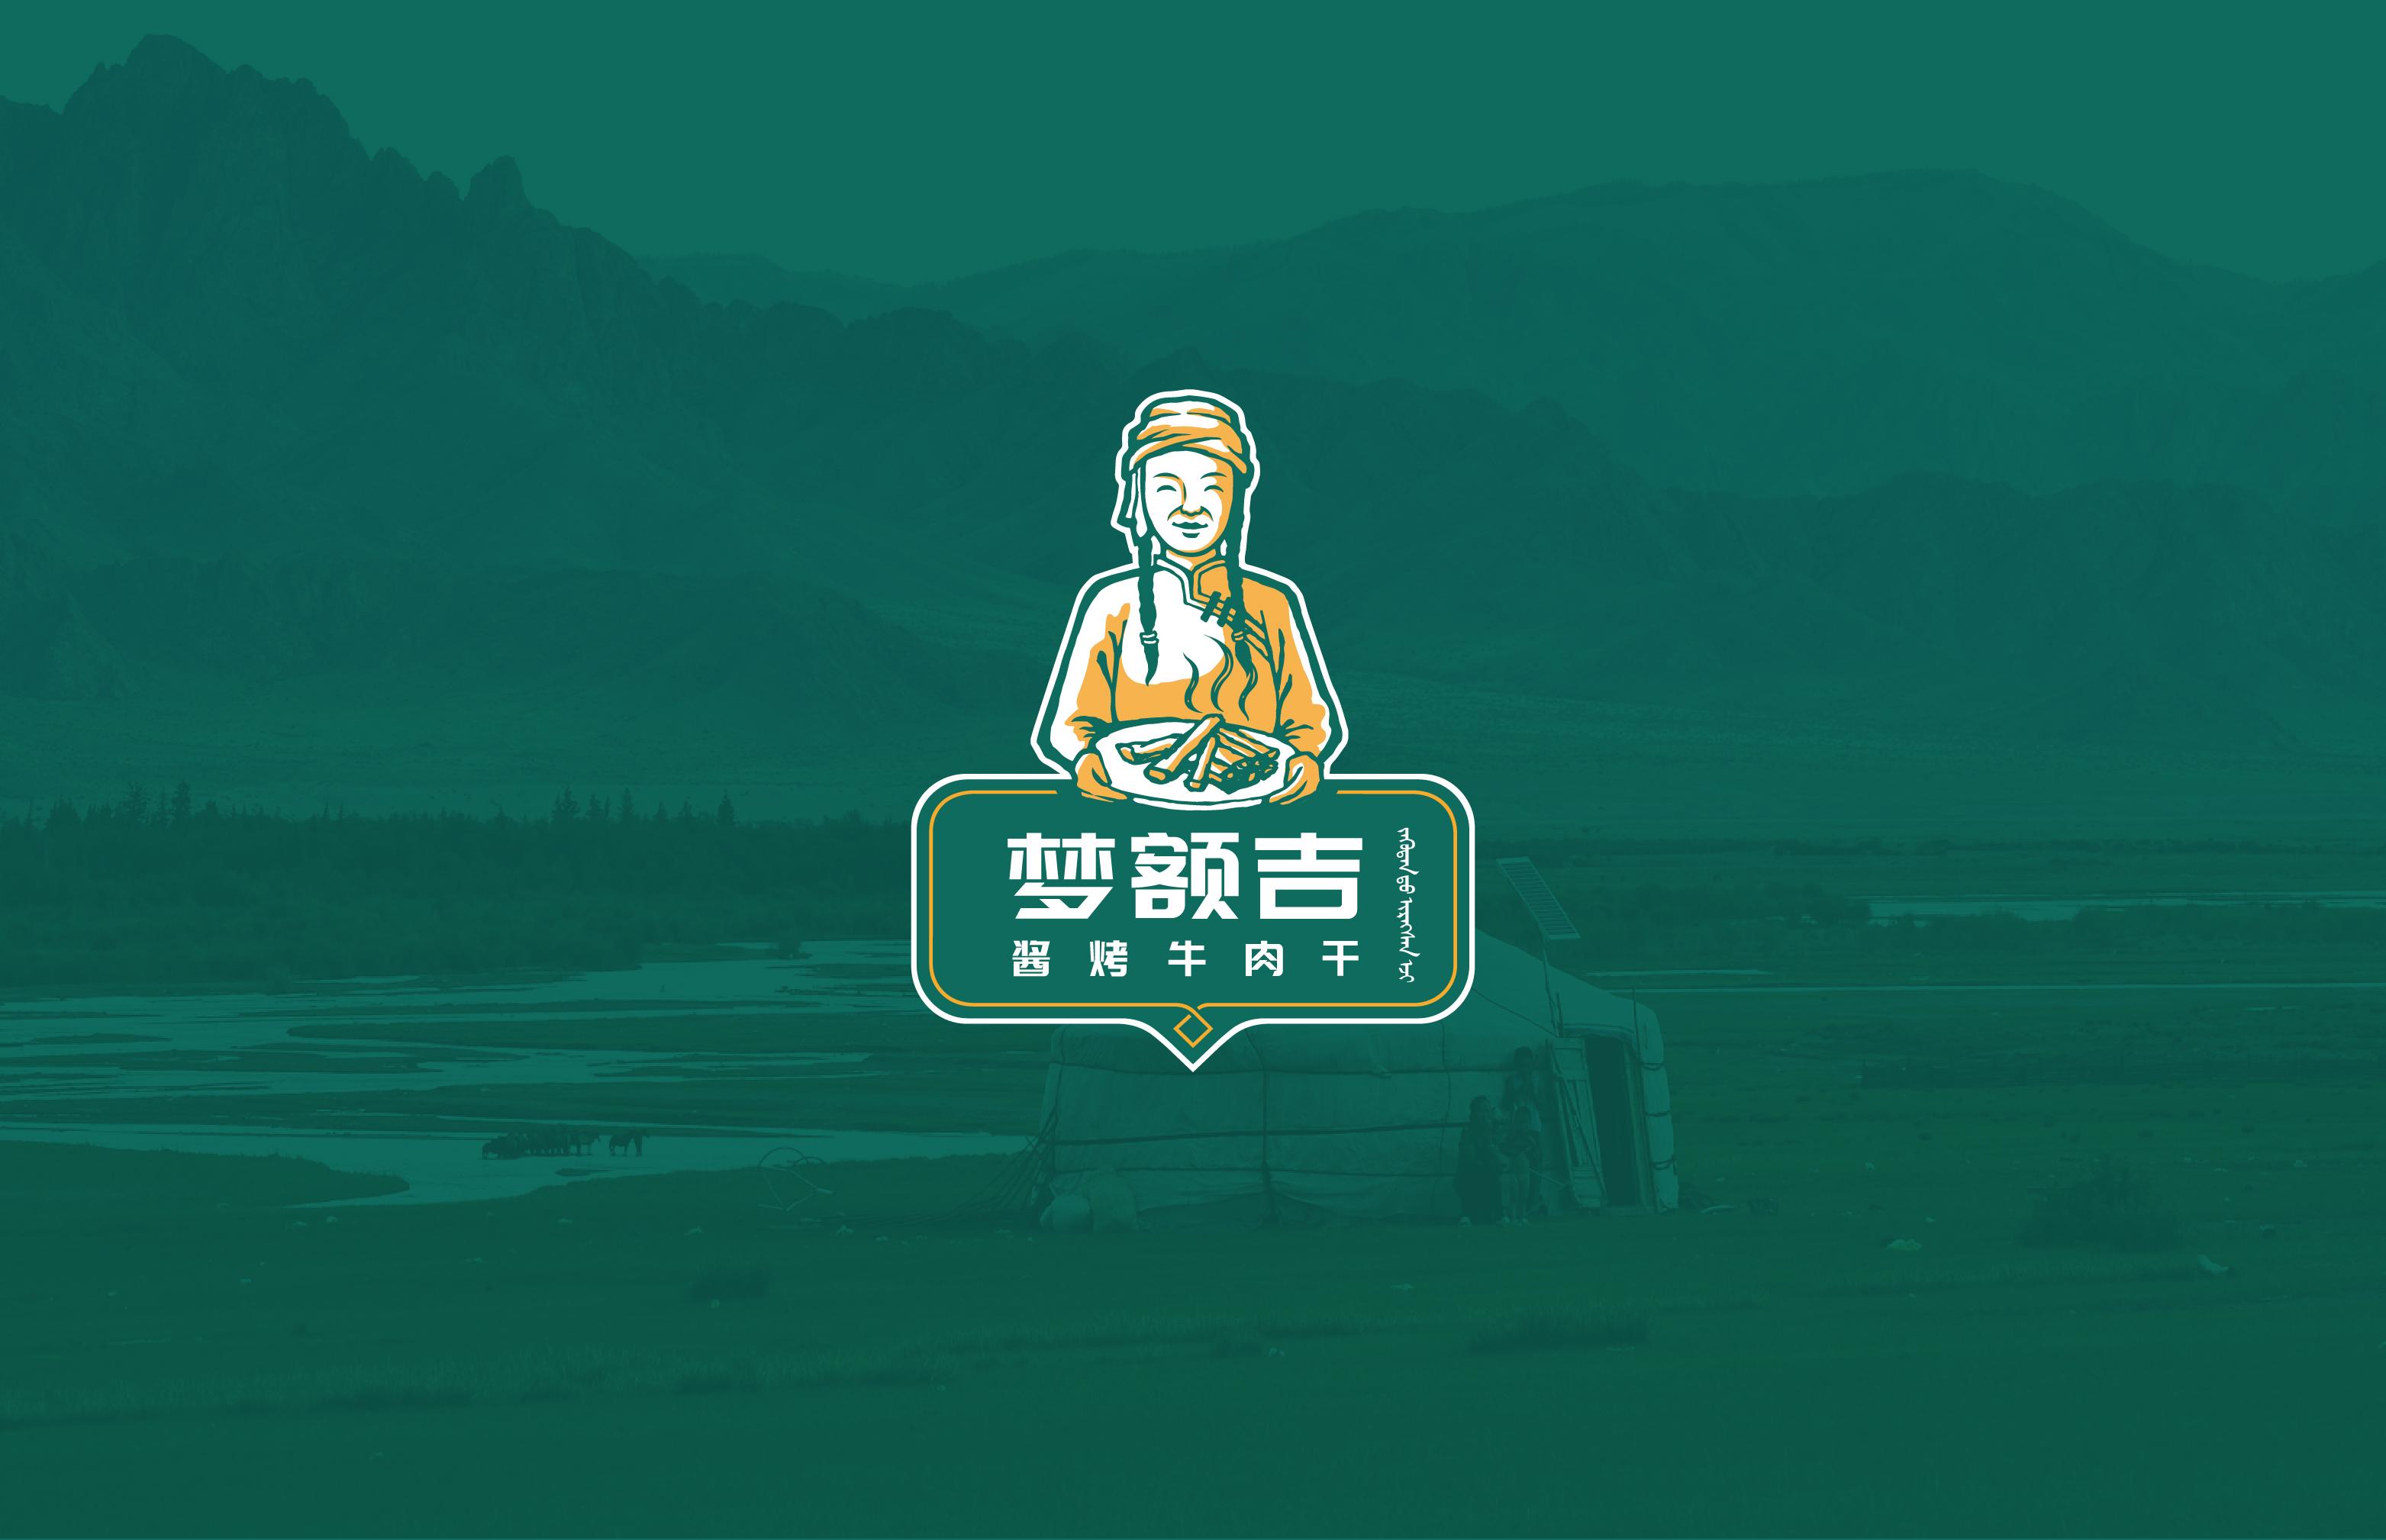 夢額吉logo